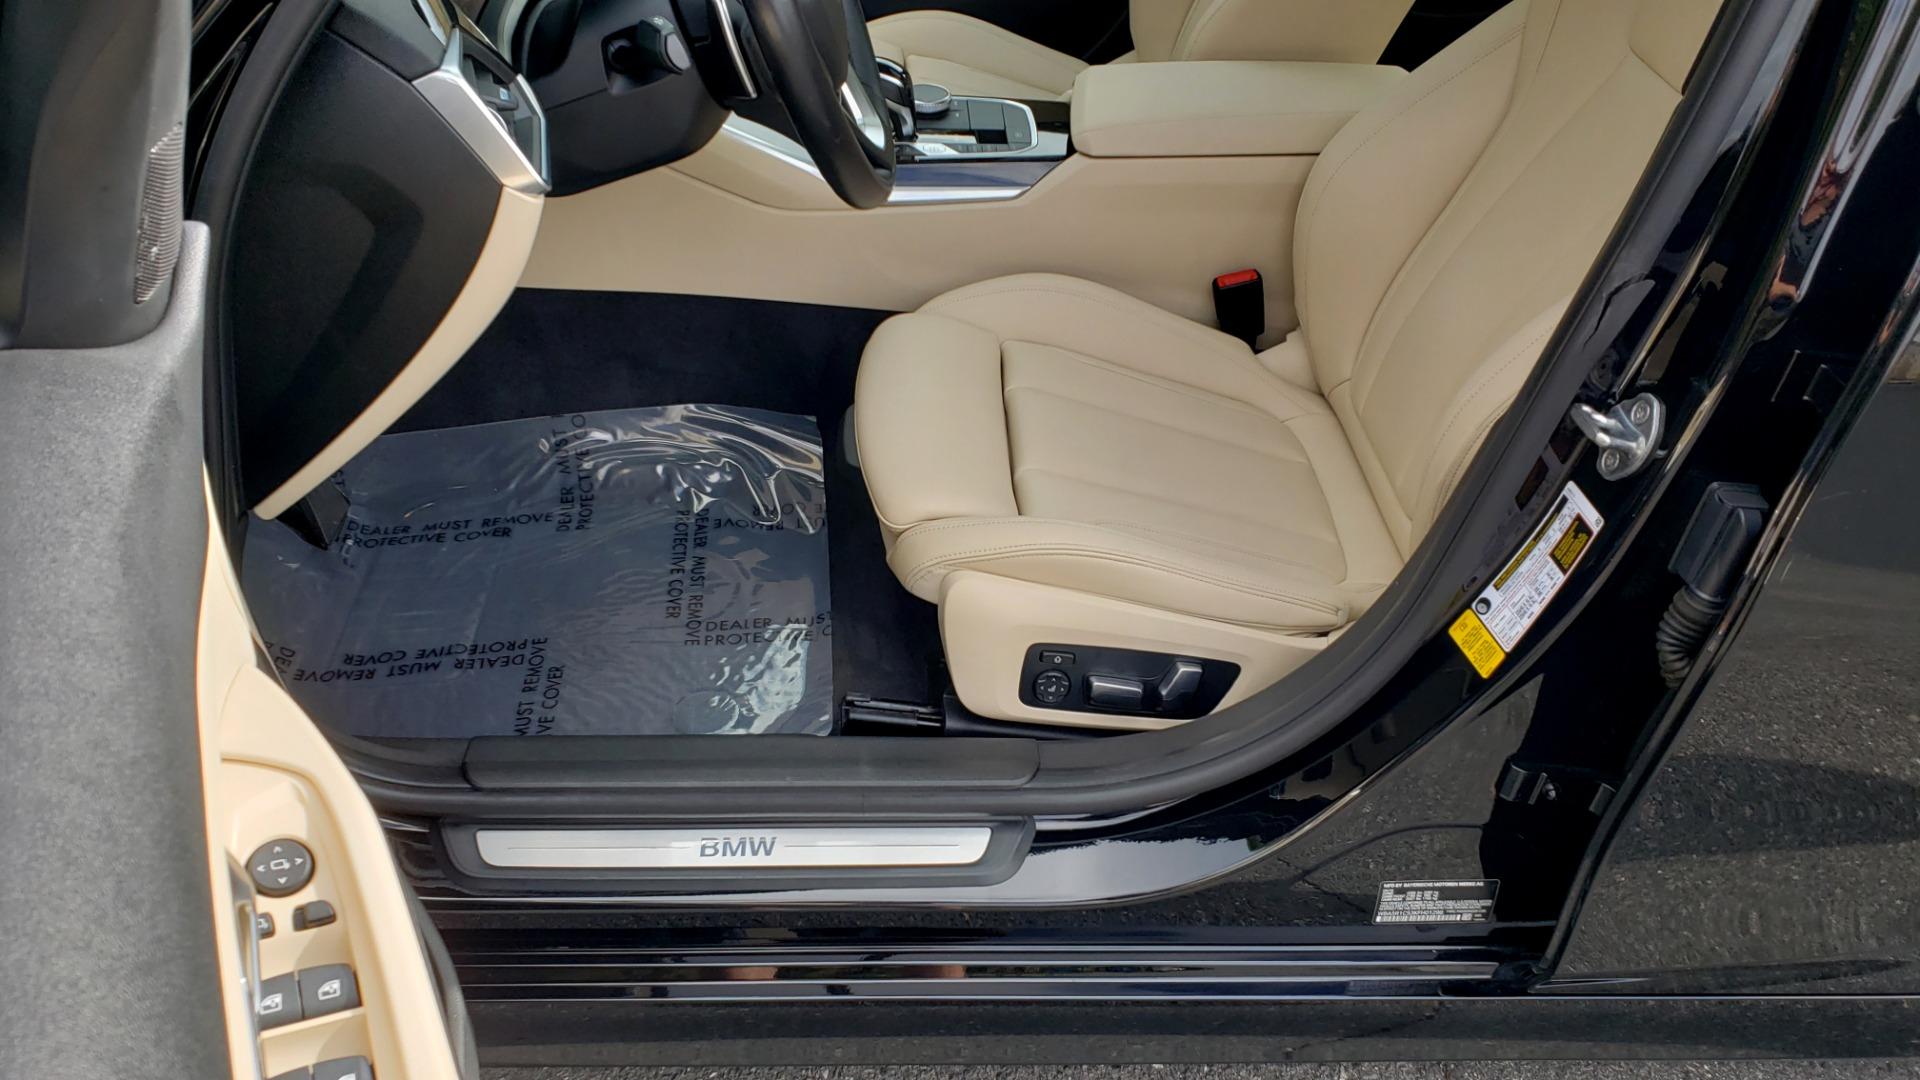 Used 2019 BMW 3 SERIES 330I PREM PKG / NAV / CONV PKG / H&K SND / LIVE COCKPIT PRO for sale Sold at Formula Imports in Charlotte NC 28227 34